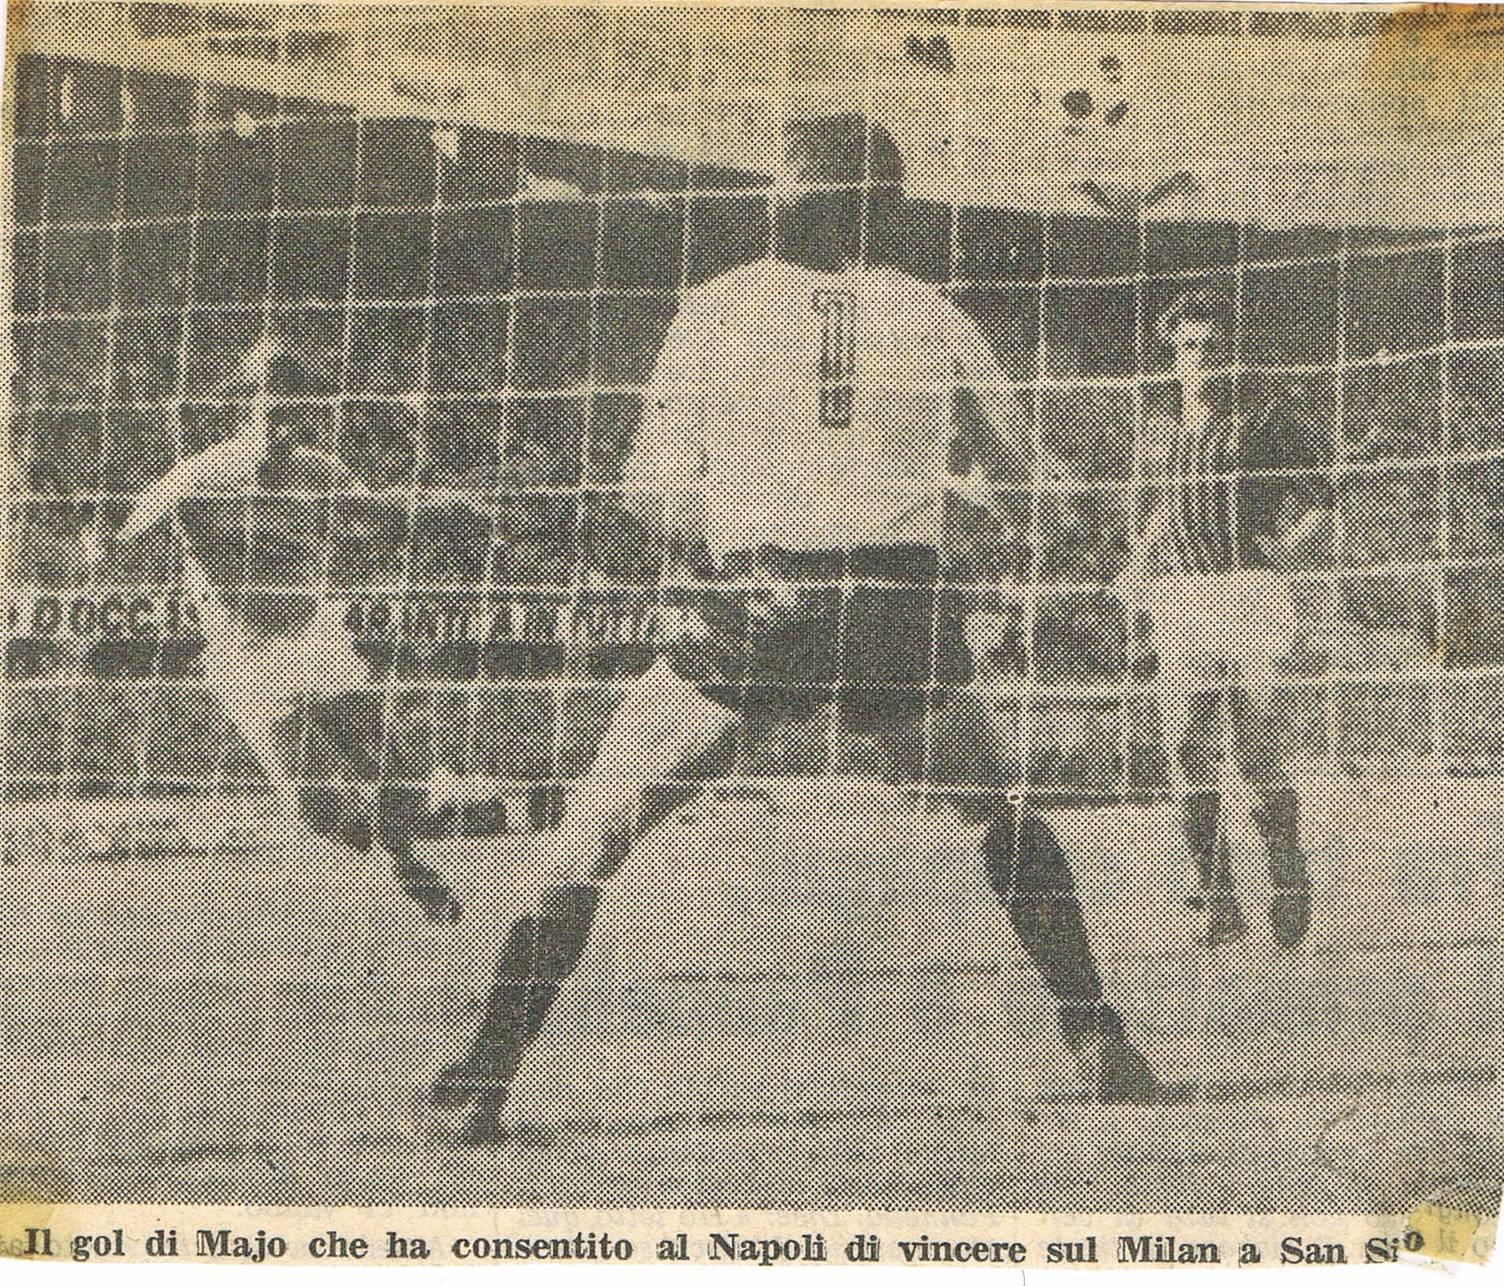 Quando il Napoli sbancò Milano con gol di Majo (e Carratelli gli diede 9)